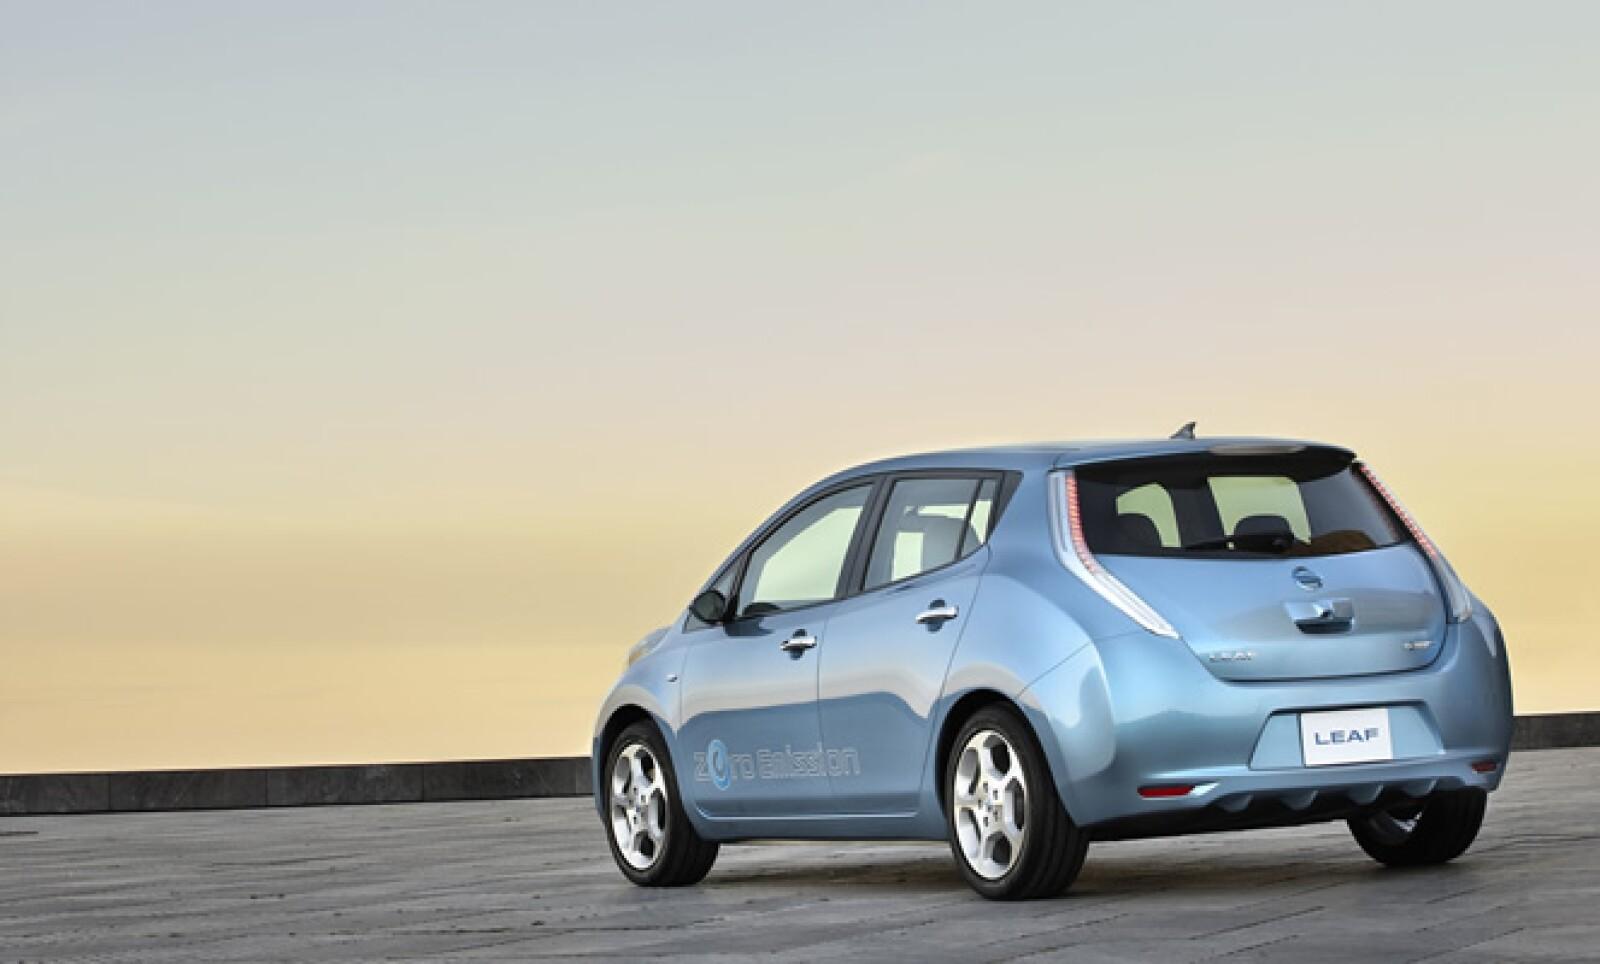 El modelo Nissan Leaf es un vehículo para cinco pasajeros y alcanza una autonomía de 160 kilómetros; el motor eléctrico desarrolla 109 caballos de fuerza, y se alimenta de baterías de iones de litio, las cuales se recargan en 10 horas.